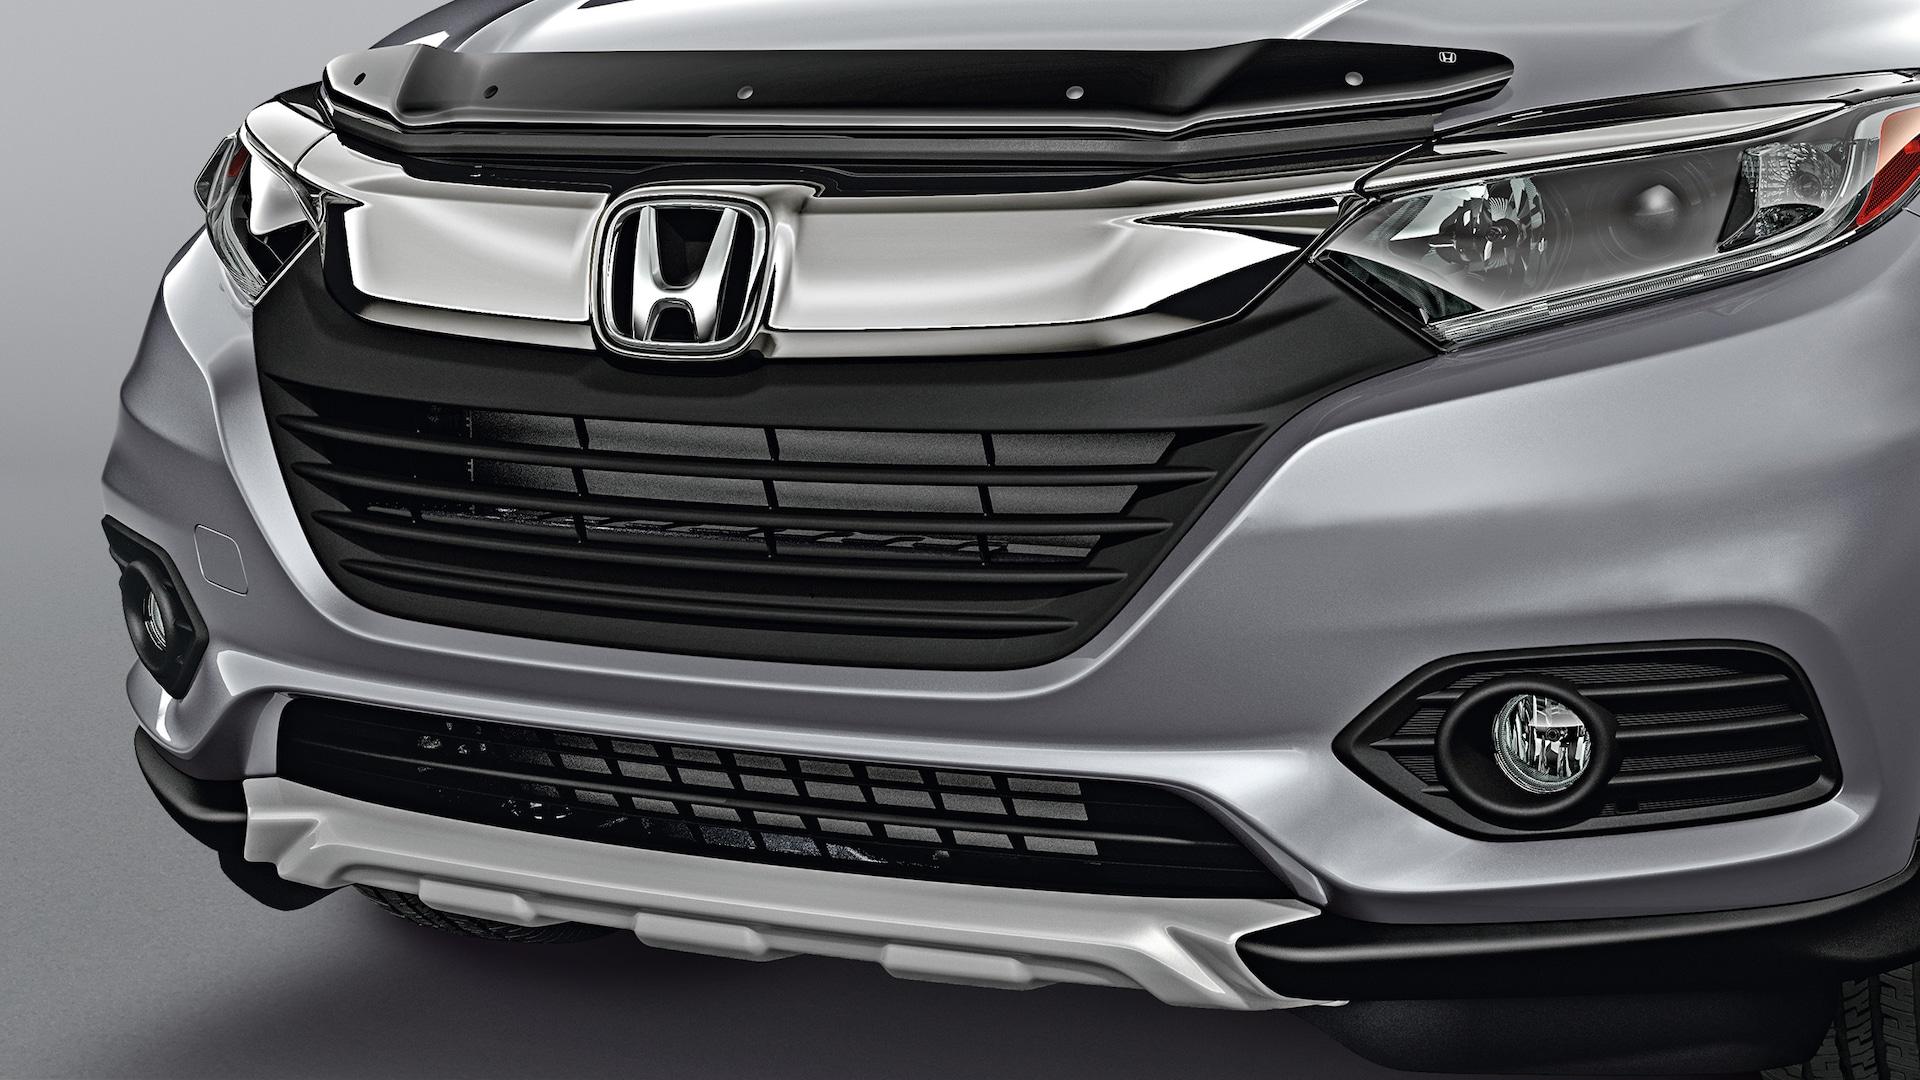 Detalle de la decoración del paragolpes delantero en la Honda HR-V Sport 2021 en Lunar Silver Metallic.